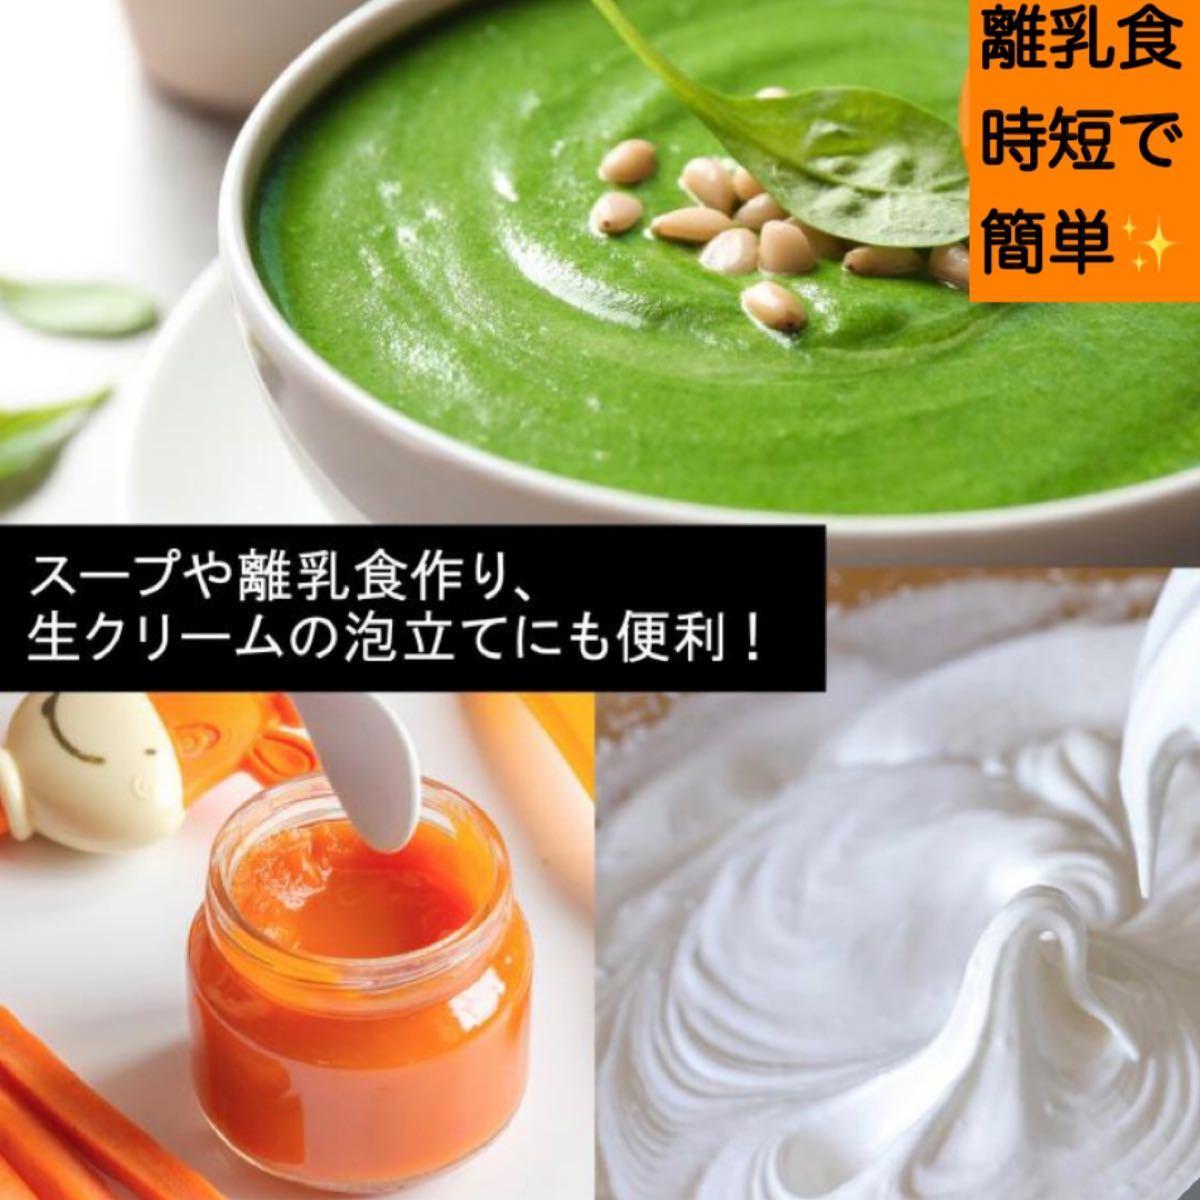 新品 クイジナート ハンドブレンダー HB-120PCJ 離乳食作りやベビーフード作りに!ブレンダー ハンドミキサー